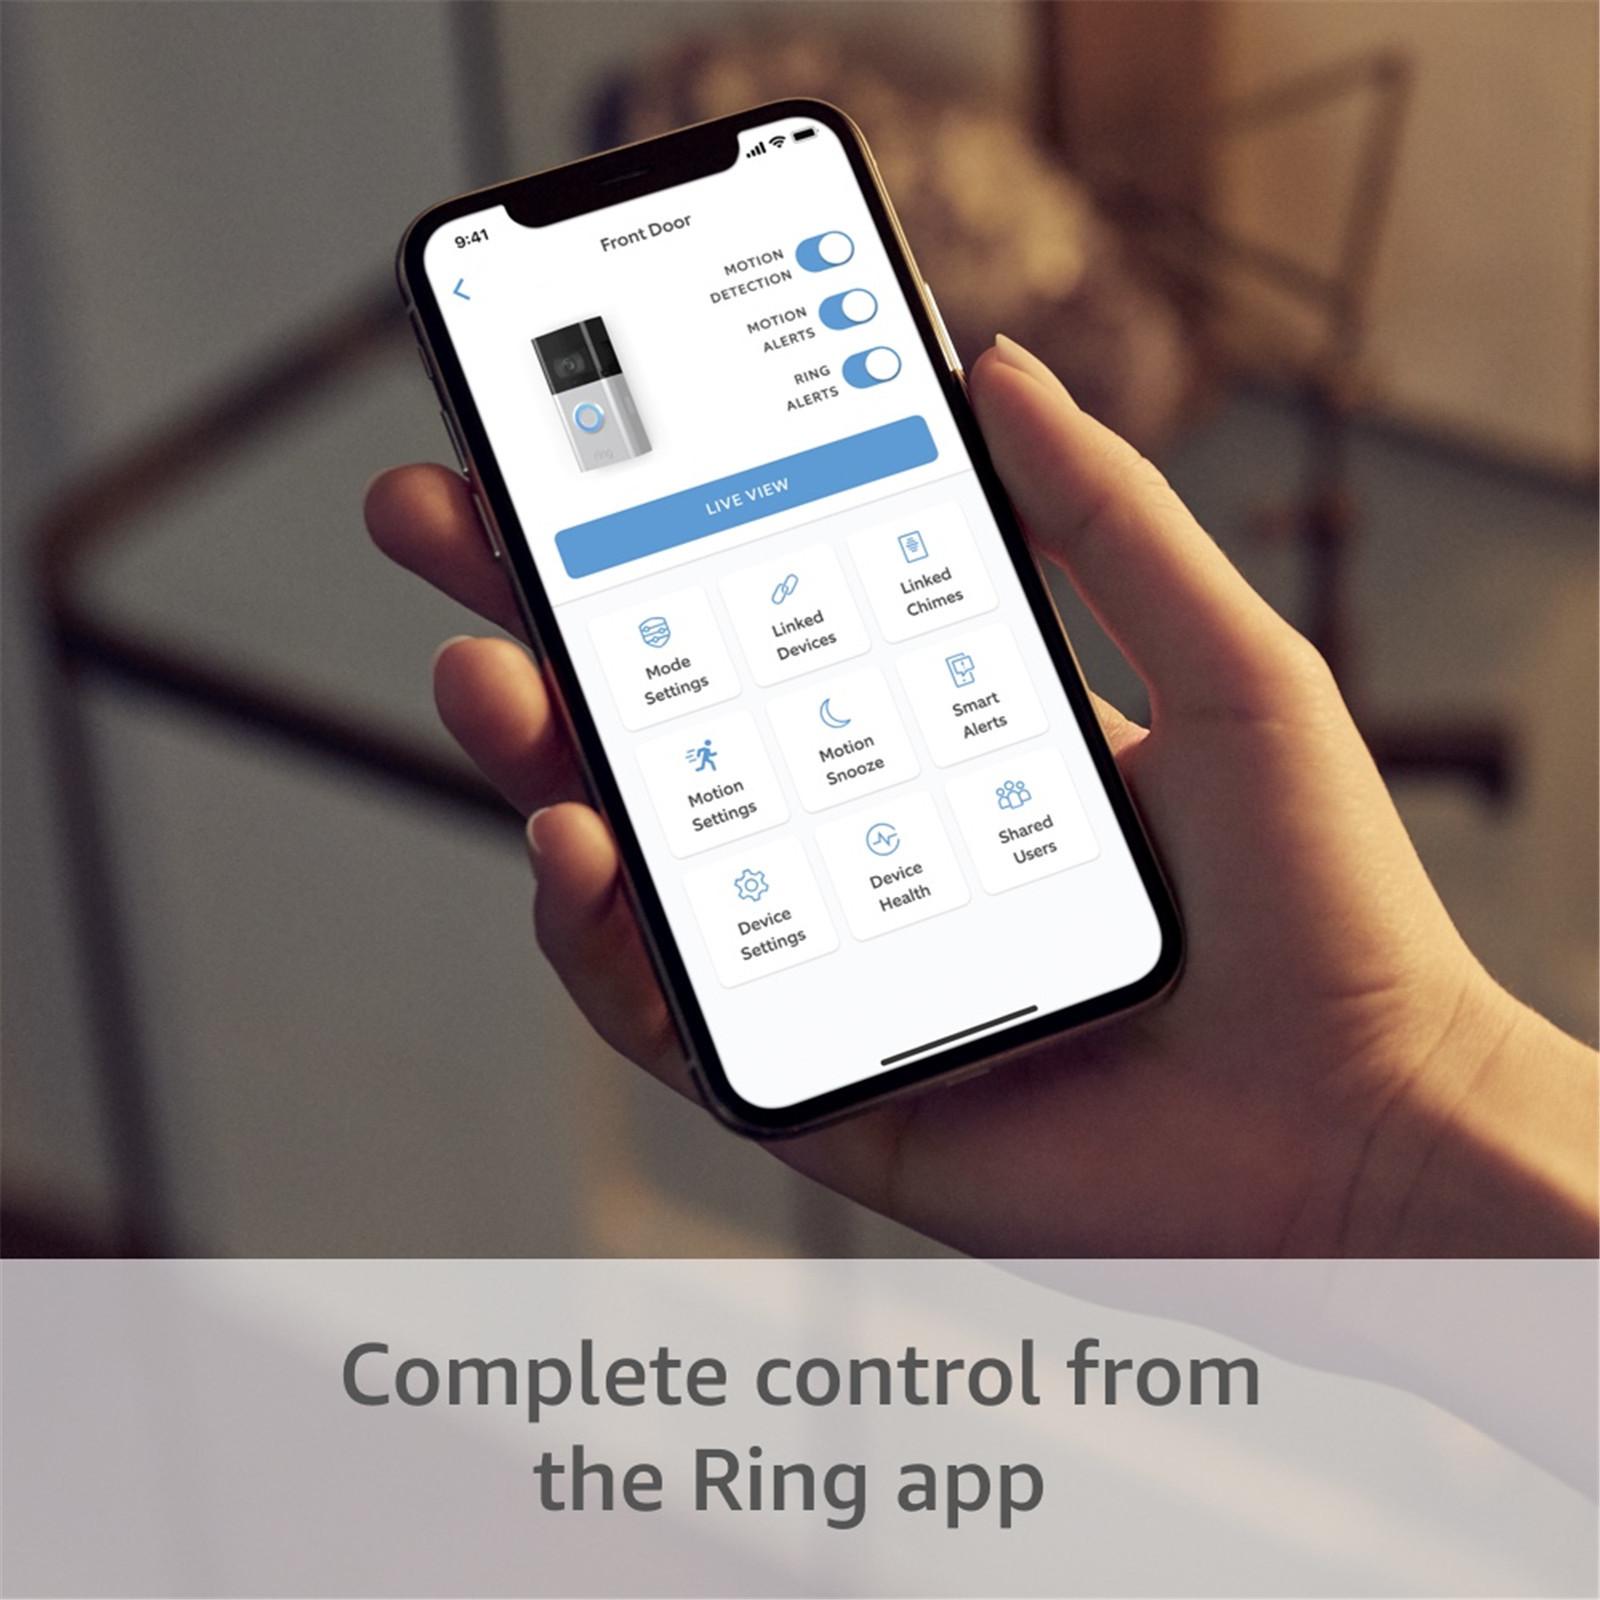 Ring Video Door Bell 3 image